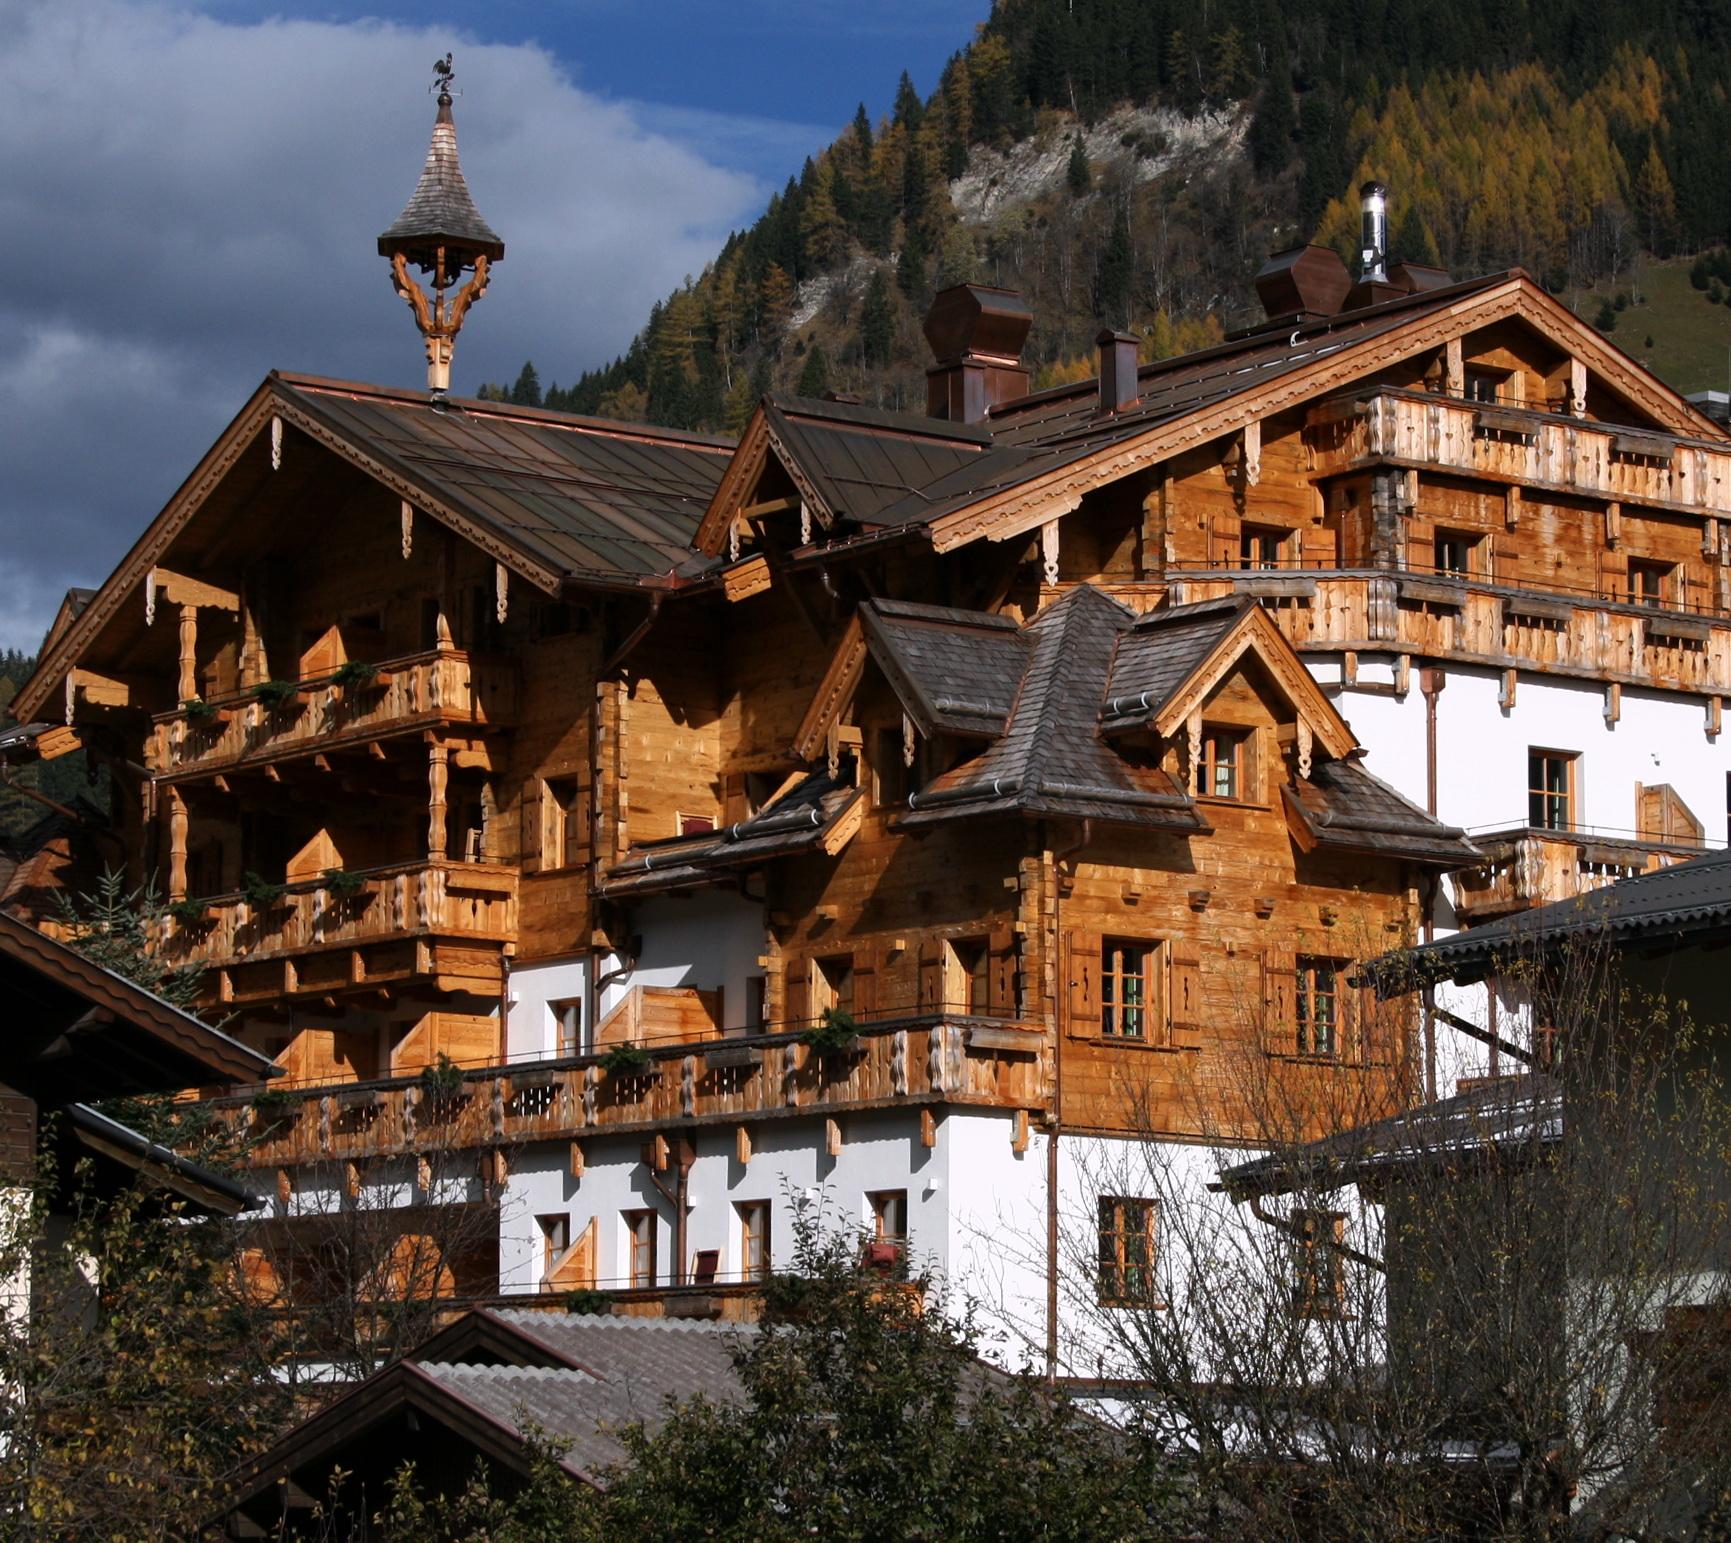 Sterne Hotel In Haming